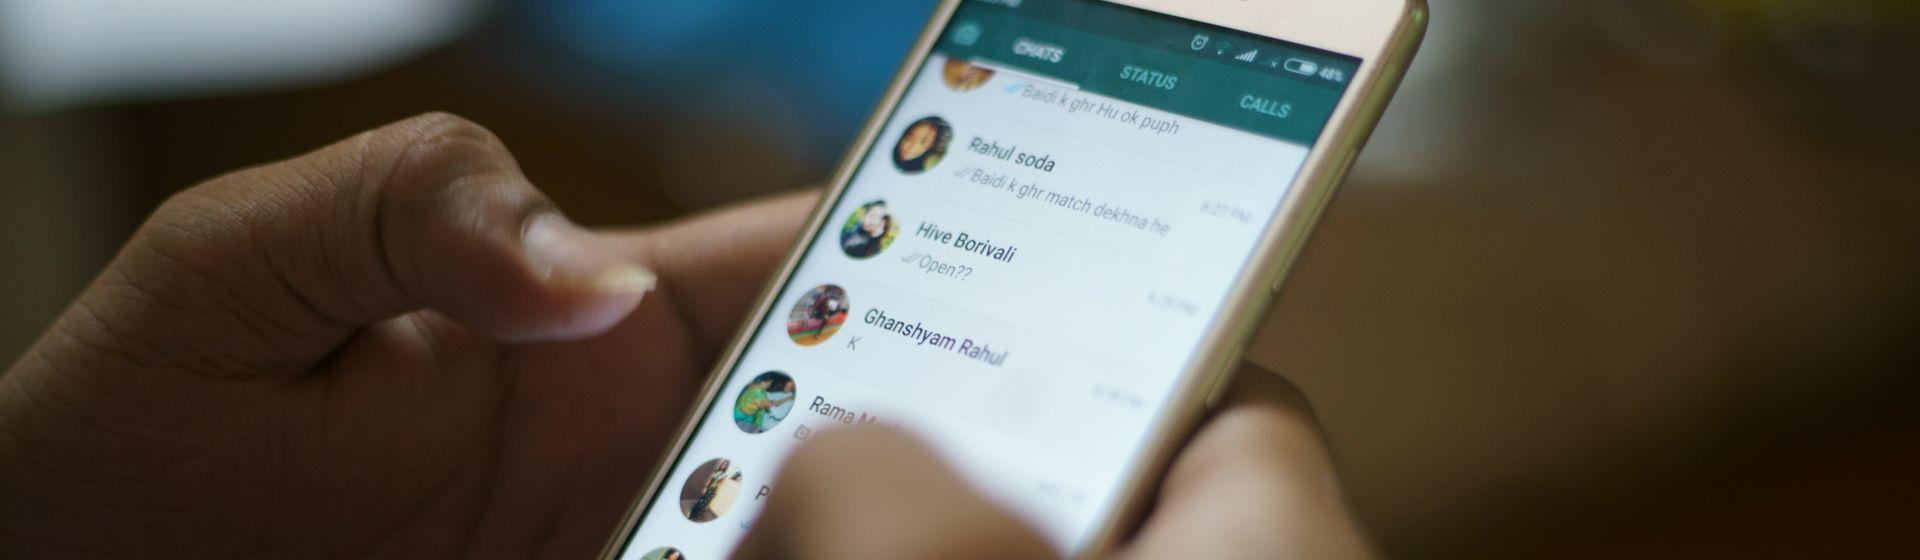 Videoconferência no WhatsApp: como fazer chamadas com até 50 pessoas